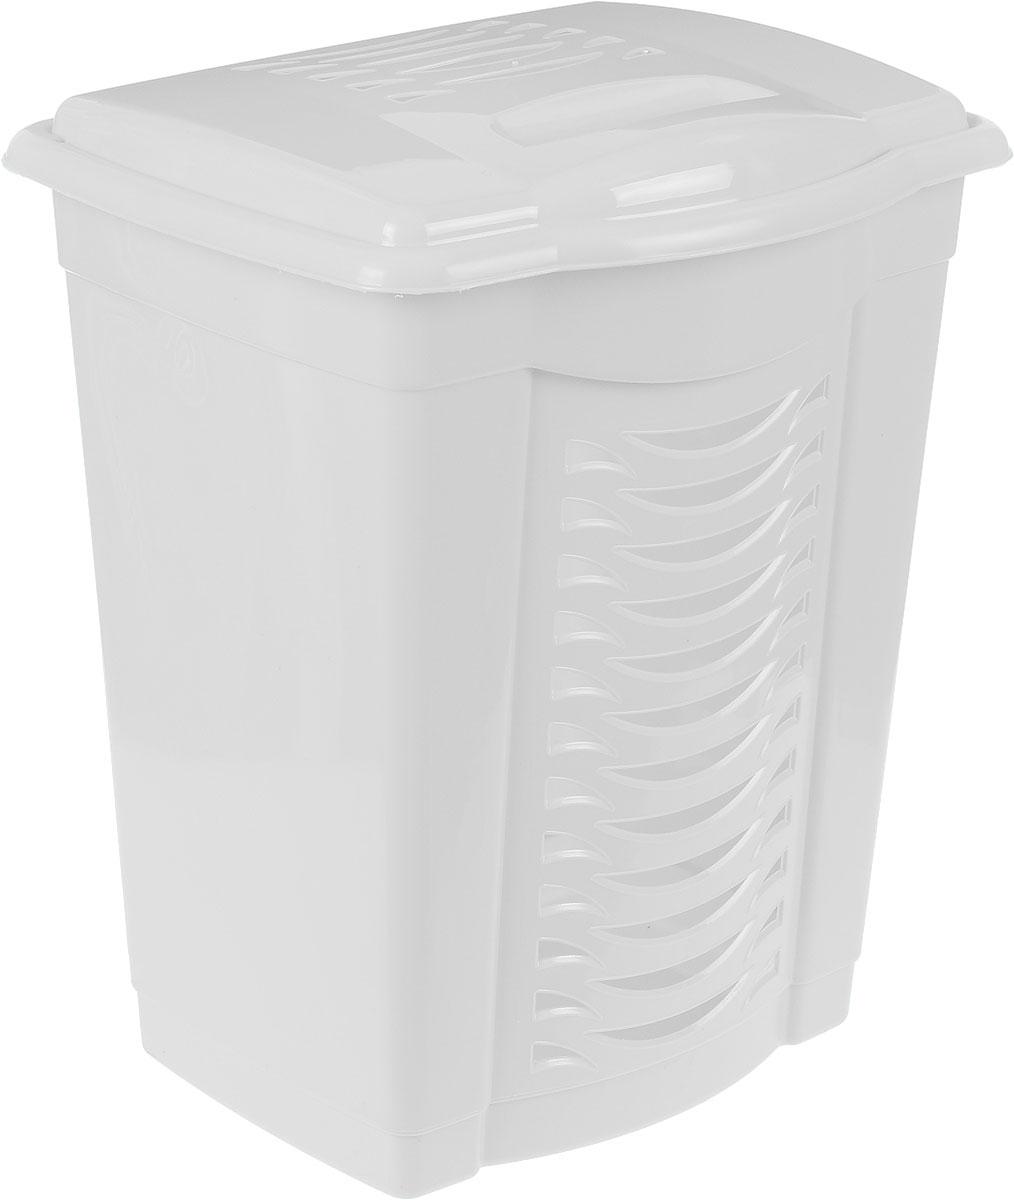 """Легкая и удобная корзина """"Альтернатива"""" прямоугольной формы изготовлена из пластика. Она отлично подойдет для хранения белья перед стиркой. Стенки корзины декорированы перфорацией, что создаст идеальные условия для естественной вентиляции. Корзина оснащена крышкой. Такая корзина для белья прекрасно впишется в интерьер ванной комнаты."""